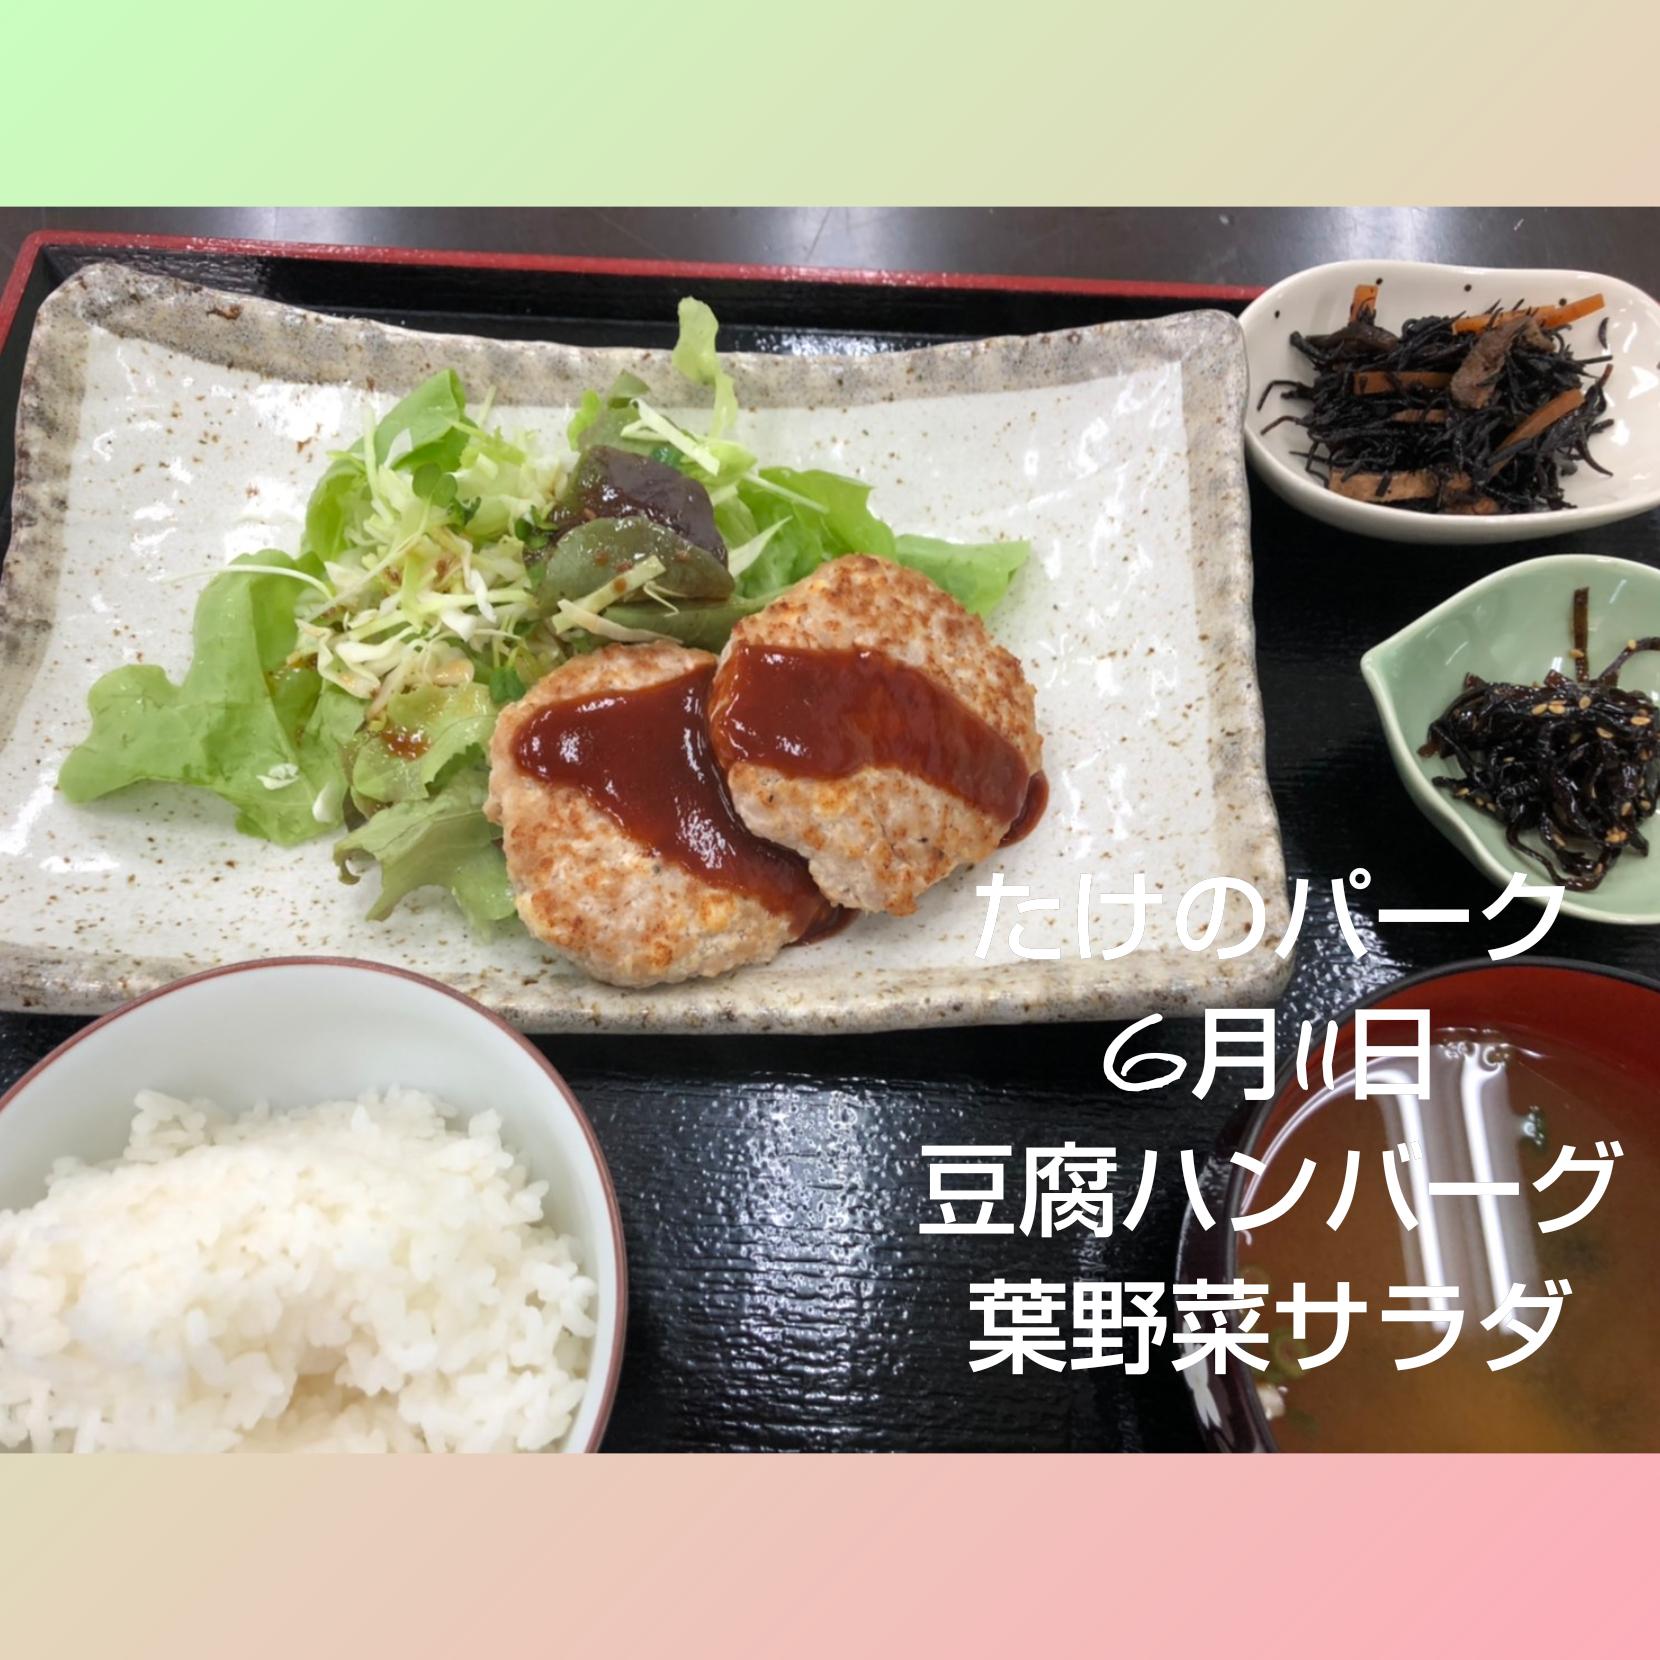 豆腐ハンバーグと葉野菜サラダ定食の写真